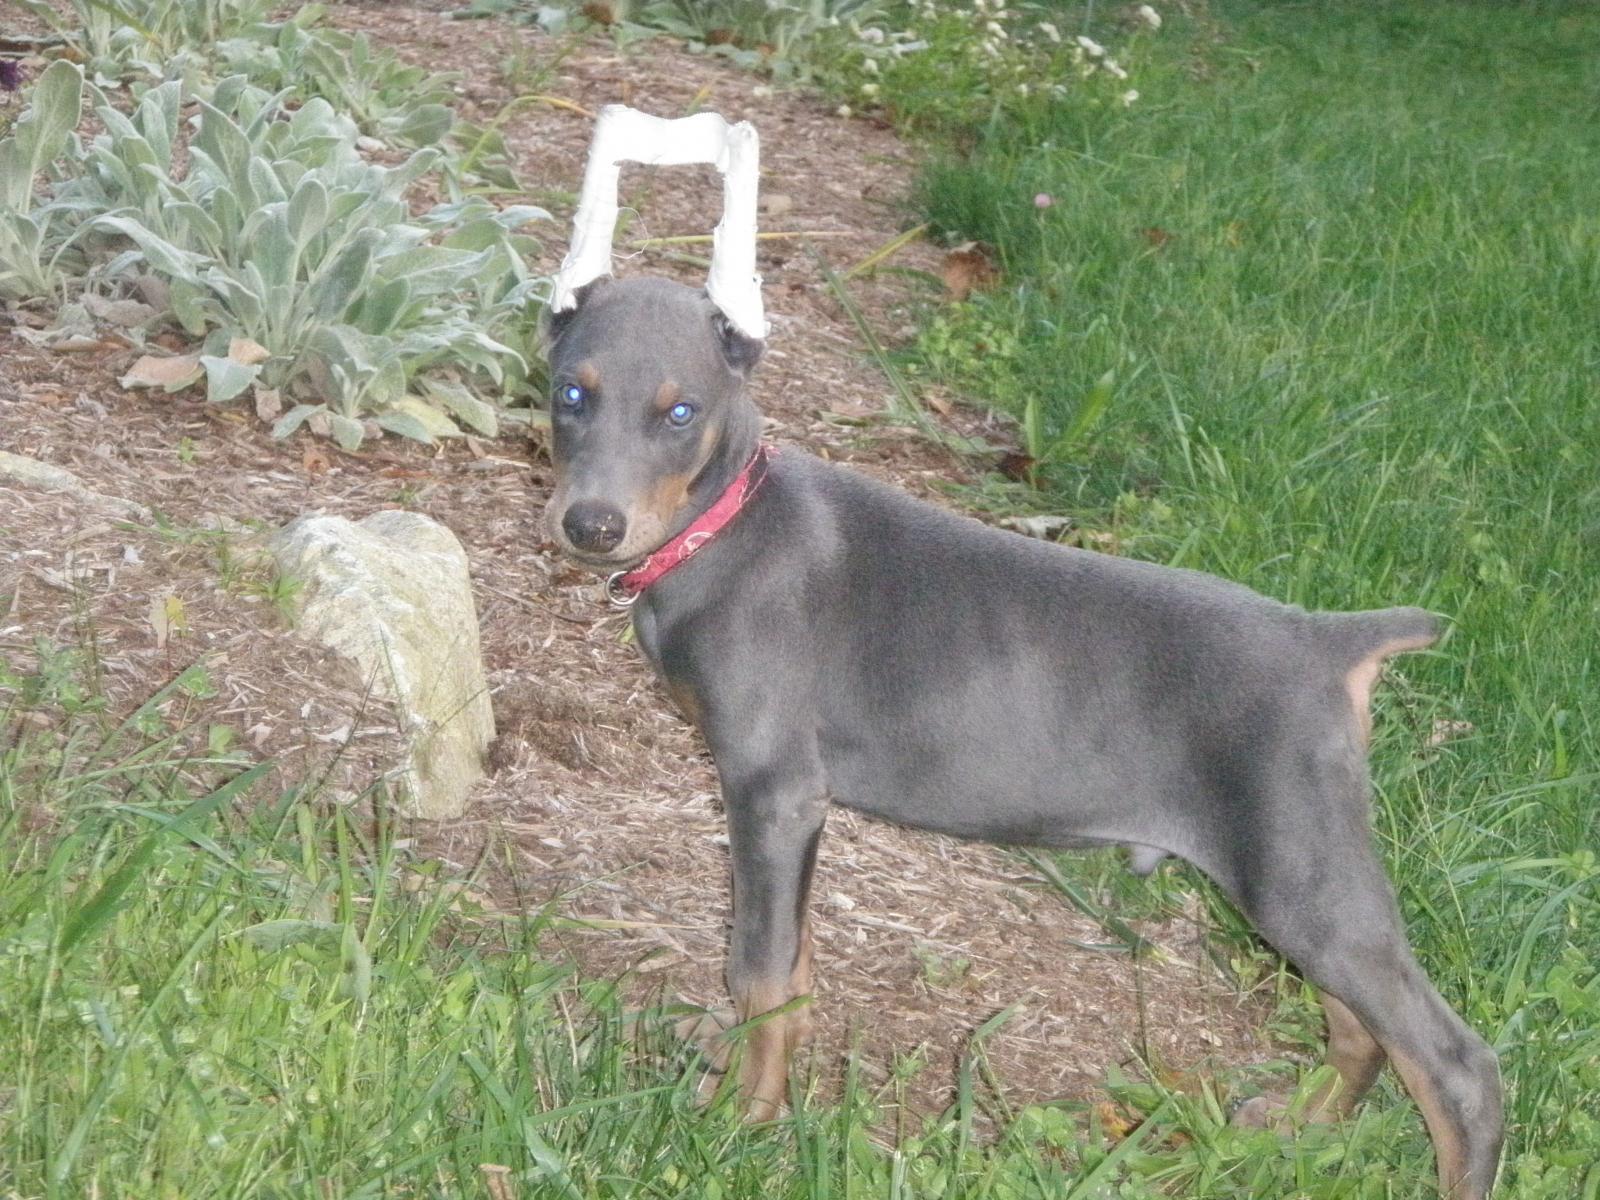 Blue doberman pinscher dogs